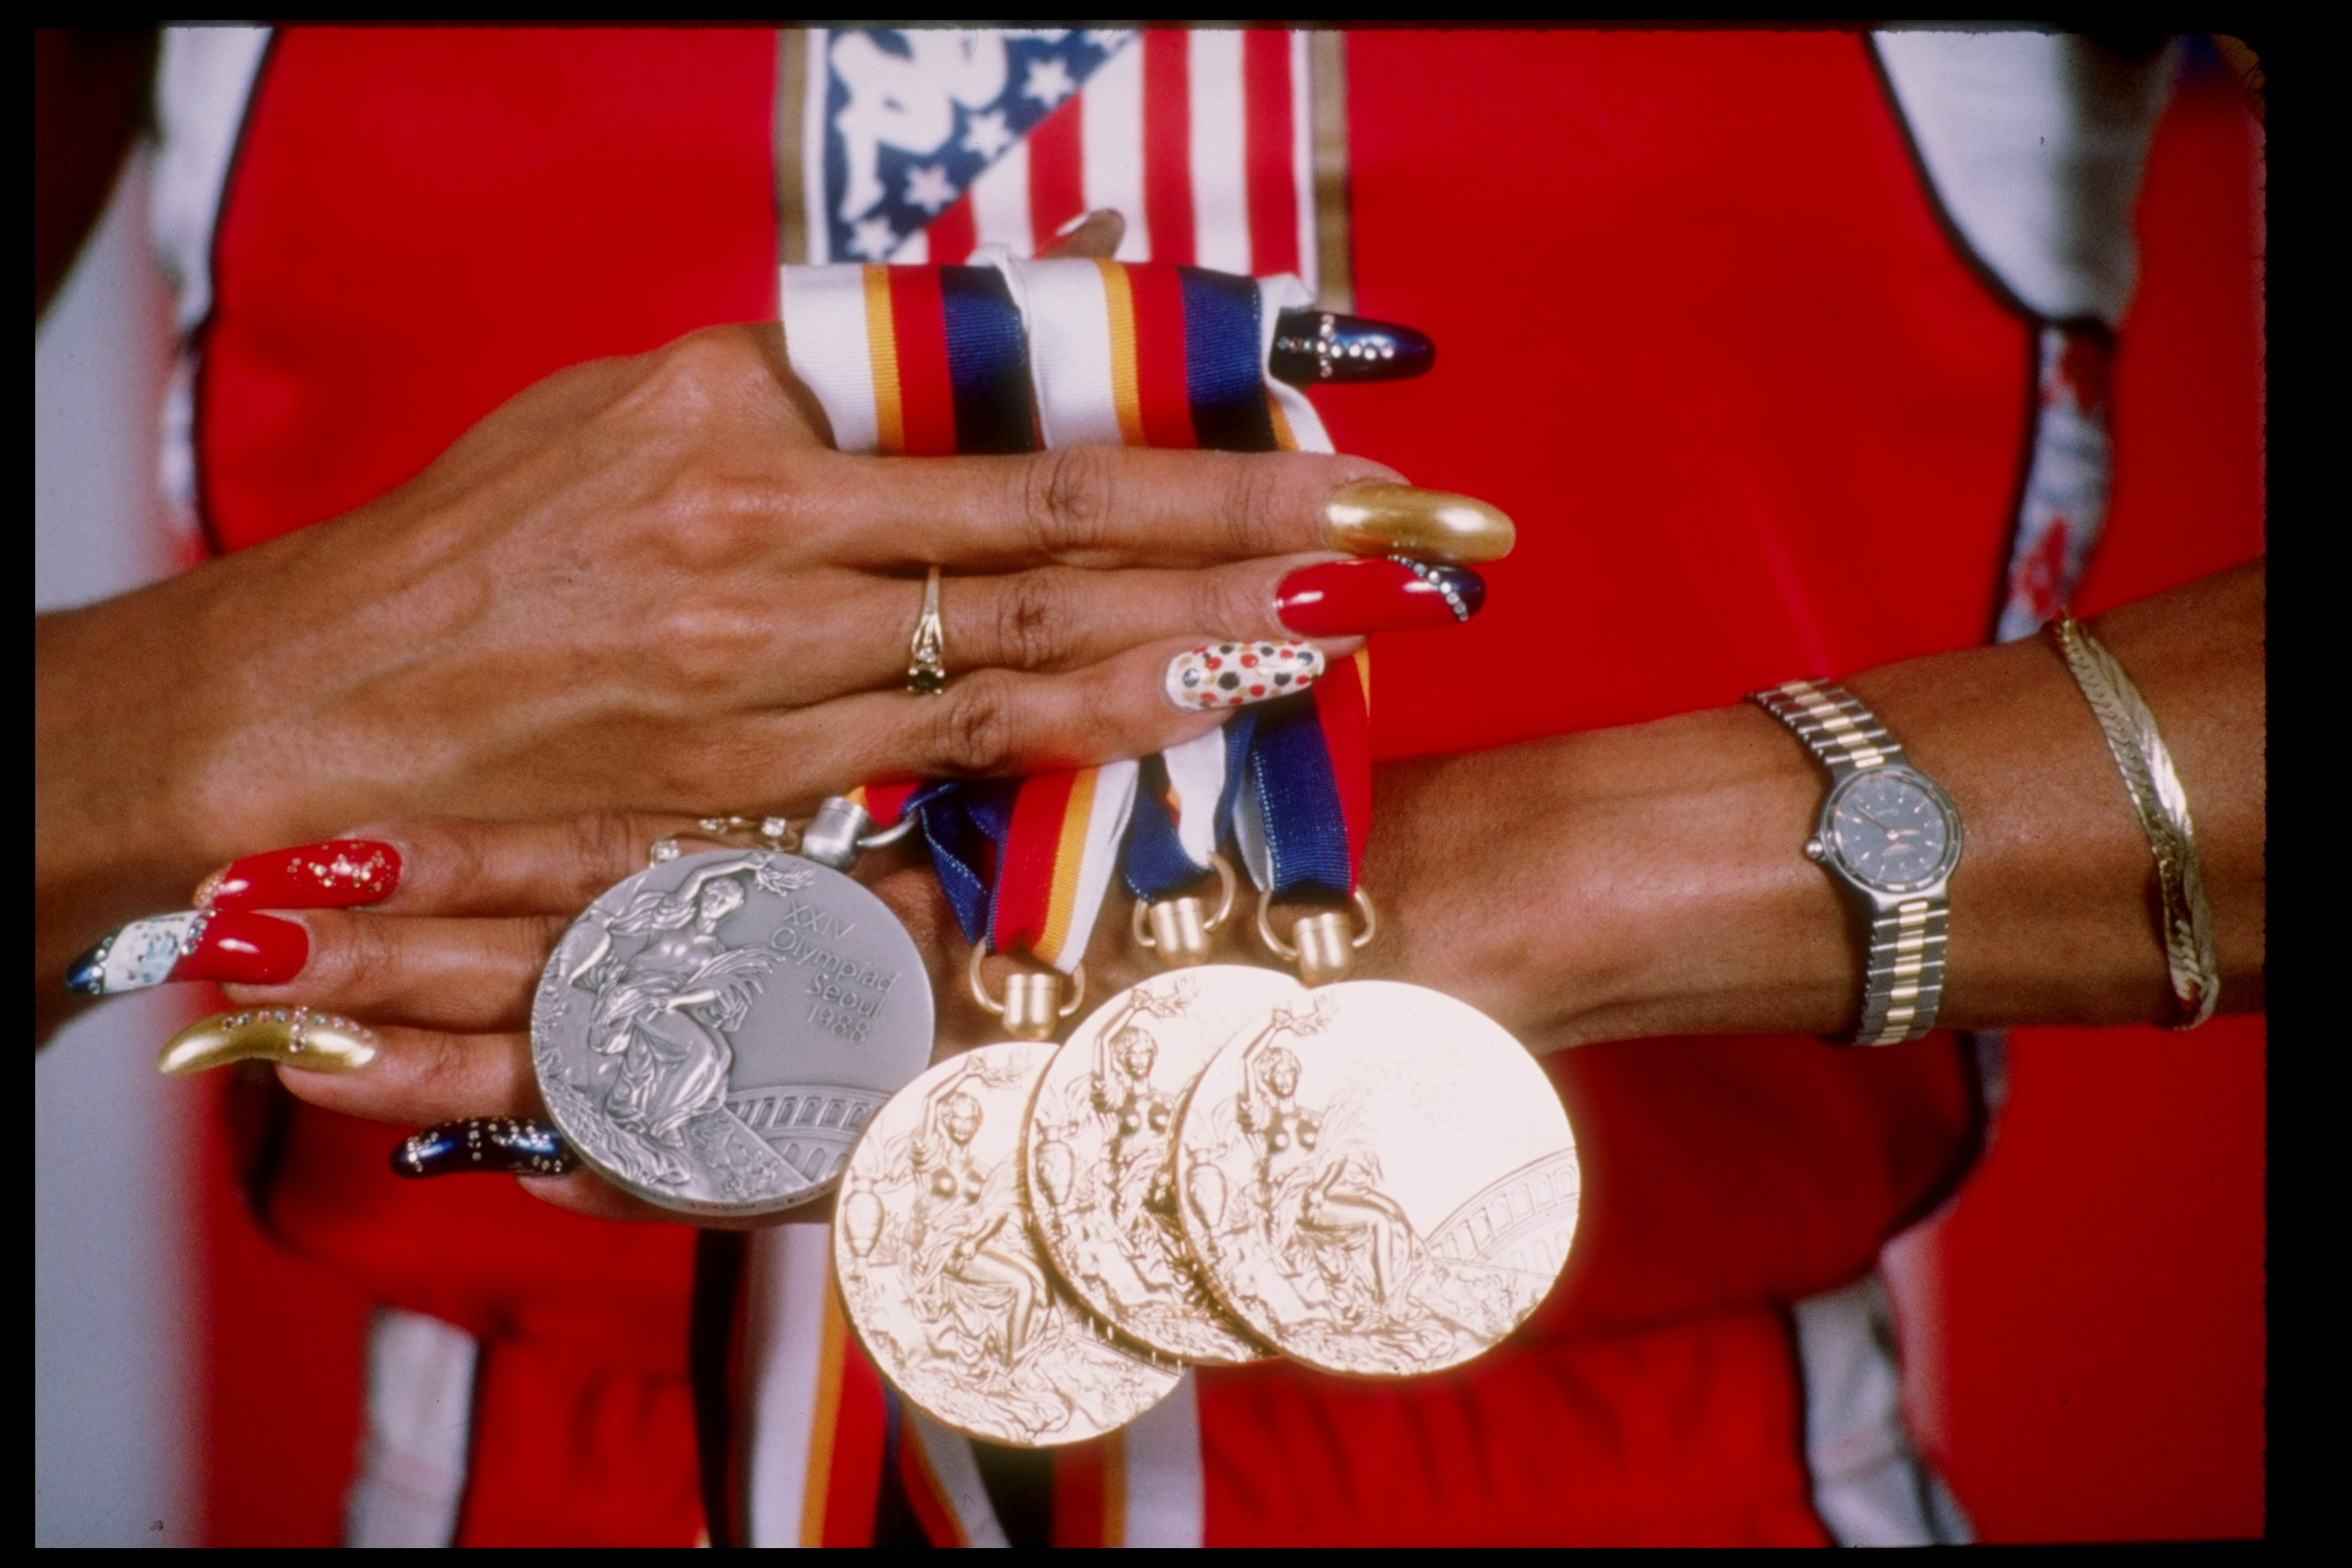 """Unhas decoradas de Florence Griffith Joyner-nos Jogos Olímpicos de 1989 TONY DUFFY / GETTY IMAGES 1990 E INÍCIO DE 2000 Similar à década anterior, quadrados e squoval formas manteve os estilos predominantes de escolha, como visto na Kid Sister """"Pro Nails"""" music video. A cantora e Kanye West cantou a música em um salão de beleza, enquanto centenas de dedos deslumbrados e retocadas dançavam em torno deles Muitas mulheres também começaram a desviar-se vestindo dicas longe passado borda do seu dedo, optando por comprimentos mais curtos, mais naturais. Princesa Diana ostentando, unhas curtas squoval enquanto visita Argentina TIM GRAHAM / GETTY IMAGES Delicado, quadrados arredondados foram consideradas recatada e feminino, favorecido pela Princesa Diana, enquanto a estrela pop de Britney Spears preferido ângulos nítidos certos. Britney Spears em seu vídeo da música Toxic em 2003 WWW.YOUTUBE.COM DIAS DE HOJE """"A coisa emocionante sobre pregos agora é que há um estilo para todos"""", disse a Srta Pop Mashable. """"Você pode ter unhas competição de comprimento loucos com pedras preciosas, ou você pode ter unhas naturais com um pouco de espaço negativo. Há apenas tanta diversidade e que está destinado a refletir a personalidade da mulher recebendo suas unhas feitas. Ela está direcionando o seu estilo."""" Kylie Jenner mostra unhas stiletto pontudas. KYLIEJENNER / INSTAGRAM Pontas dos dedos estruturais como o caixão e estilete são populares com multidões edgier, enquanto silhuetas ovais e amêndoa são favorecidos por aqueles que procuram um estilo atemporal. Essa mentalidade é evidente na variedade de estilos foram estamos vendo hoje eo ritmo rápido em que as mulheres alterar entre eles. Já não levar décadas para novas unhas para governar. Graças a estrelas como Rihanna e Kylie Jenner que estão constantemente mudando seu olhar, leva apenas dias. Adele no Oscar em 2013 JASON MERRITT / GETTY IMAGES QUAL É O PRÓXIMO? Senhorita Pop acredita que, um caixão mais arredondada menor, conhecido co"""